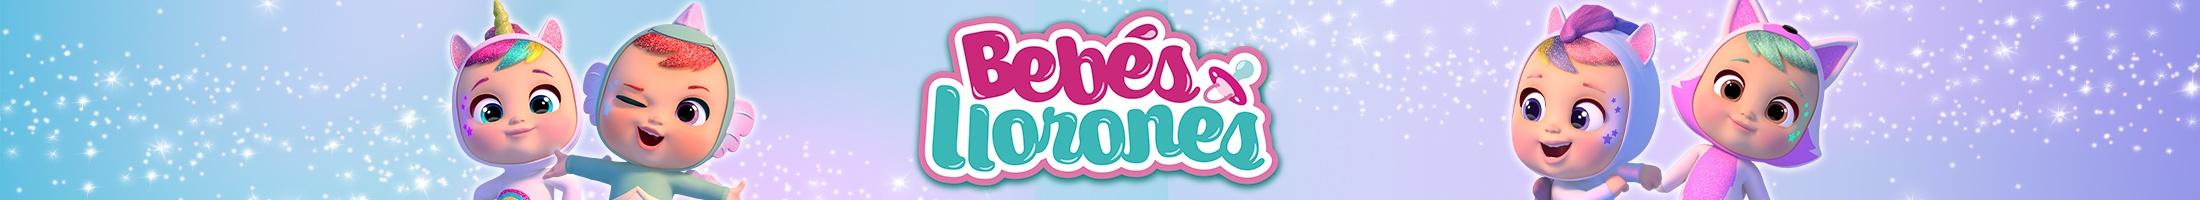 Muñecas Bebes Llorones